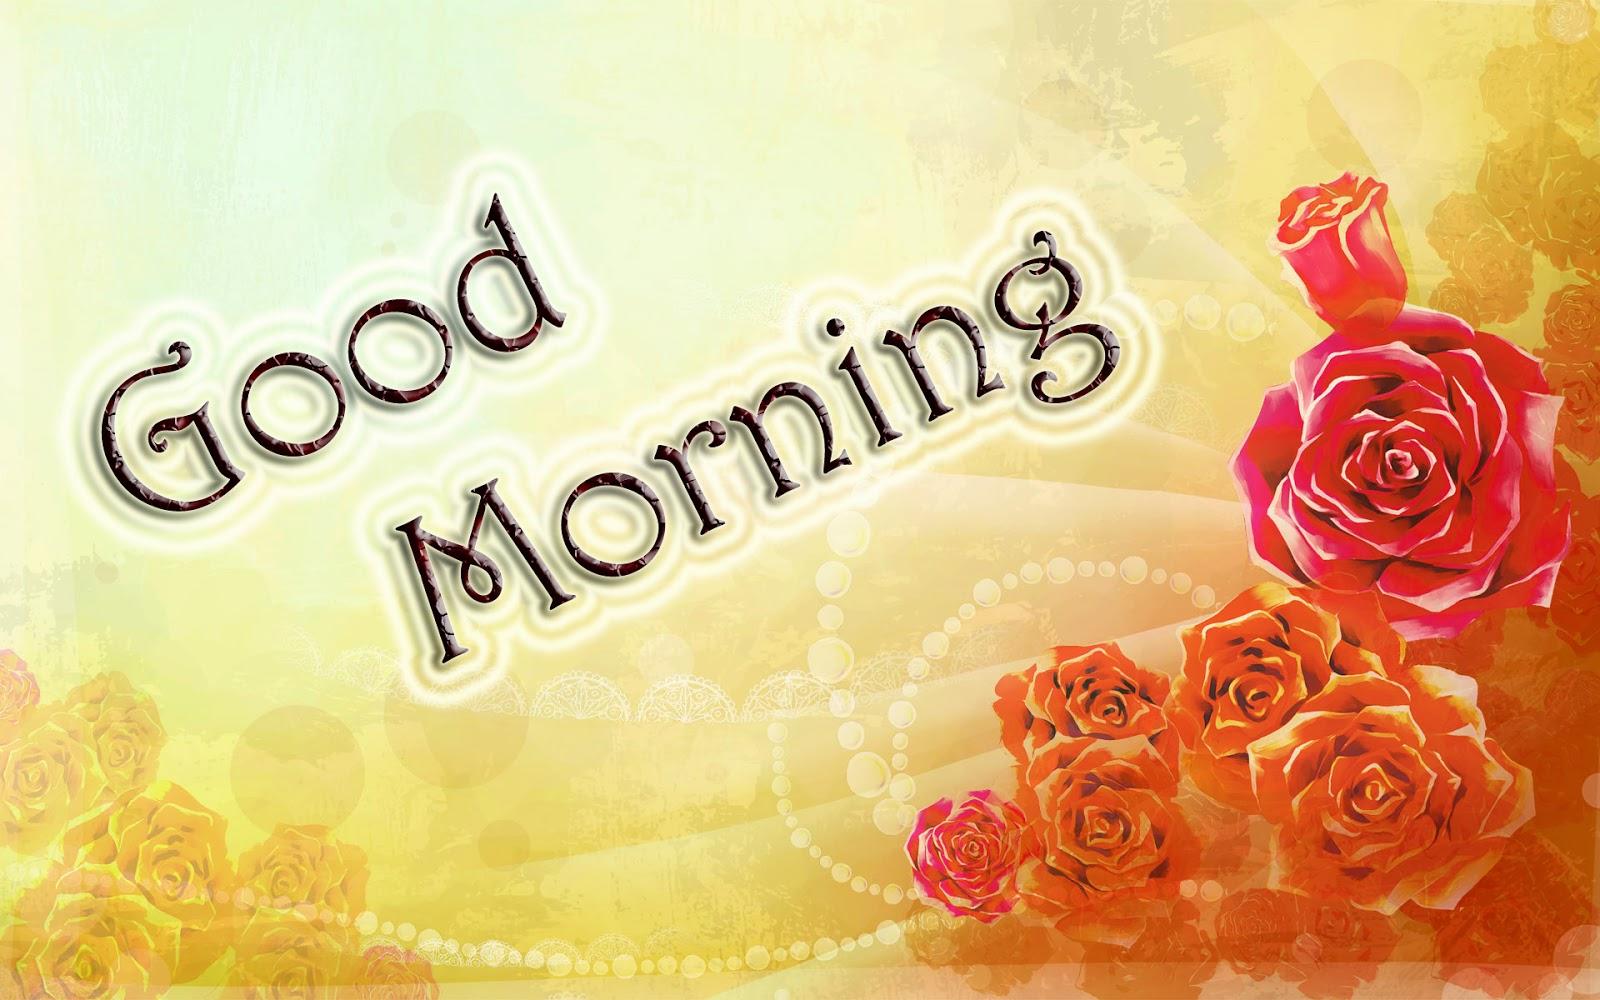 صور صباح الخير وصور للصباح (23)